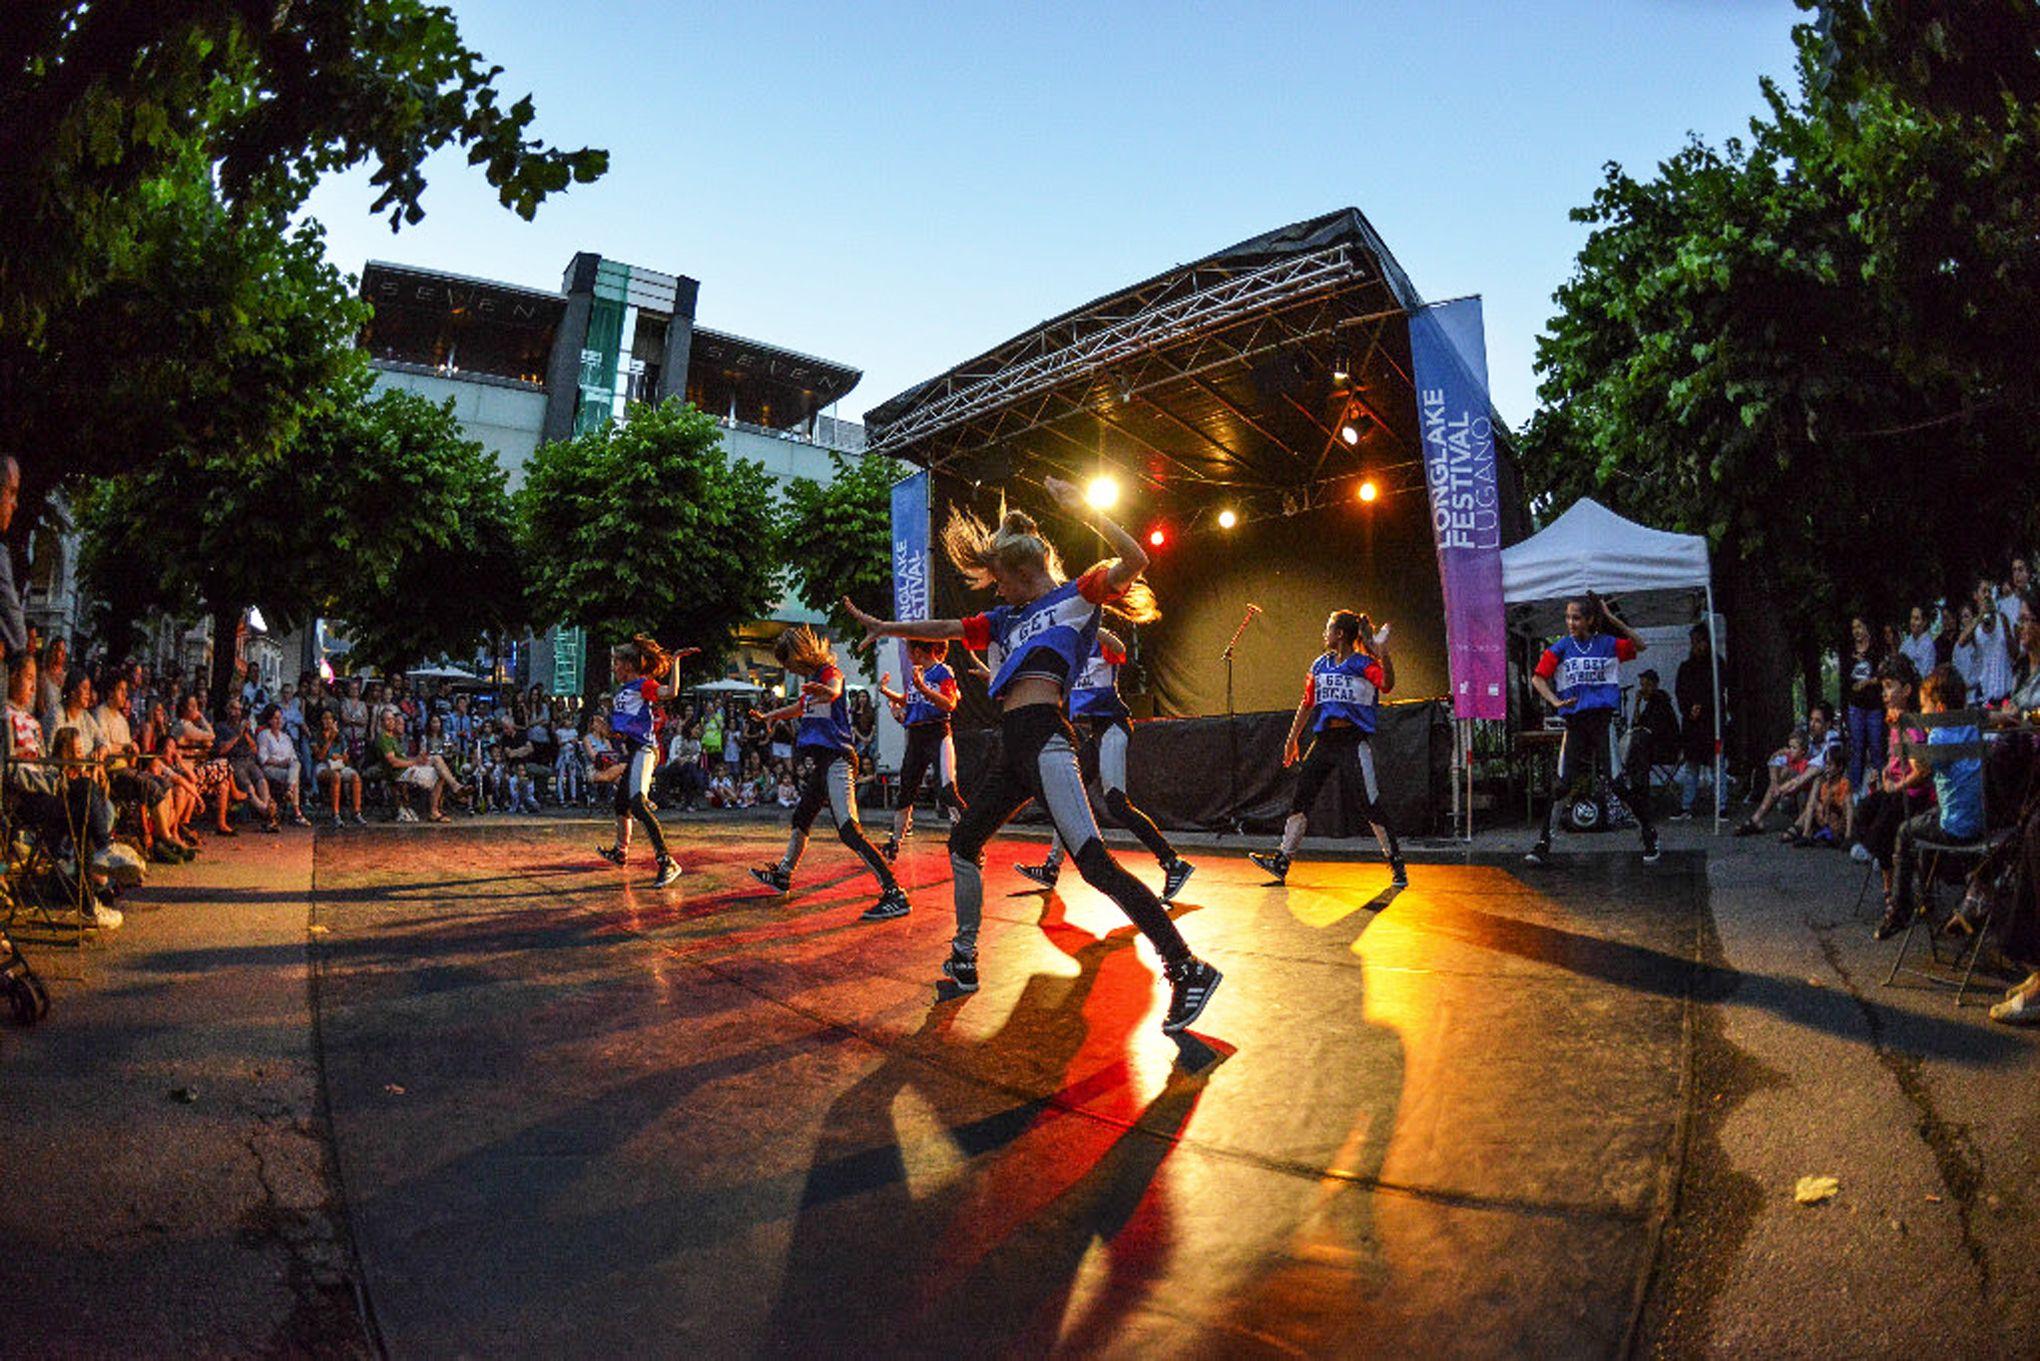 L'estate 2018 è solo all'inizio, cosa aspetti a prendere nota di tutti i Summer Festival in Italia delle prossime settimane, Milano, Fidenza, Ortigia, Lugano Firenze e Roma.